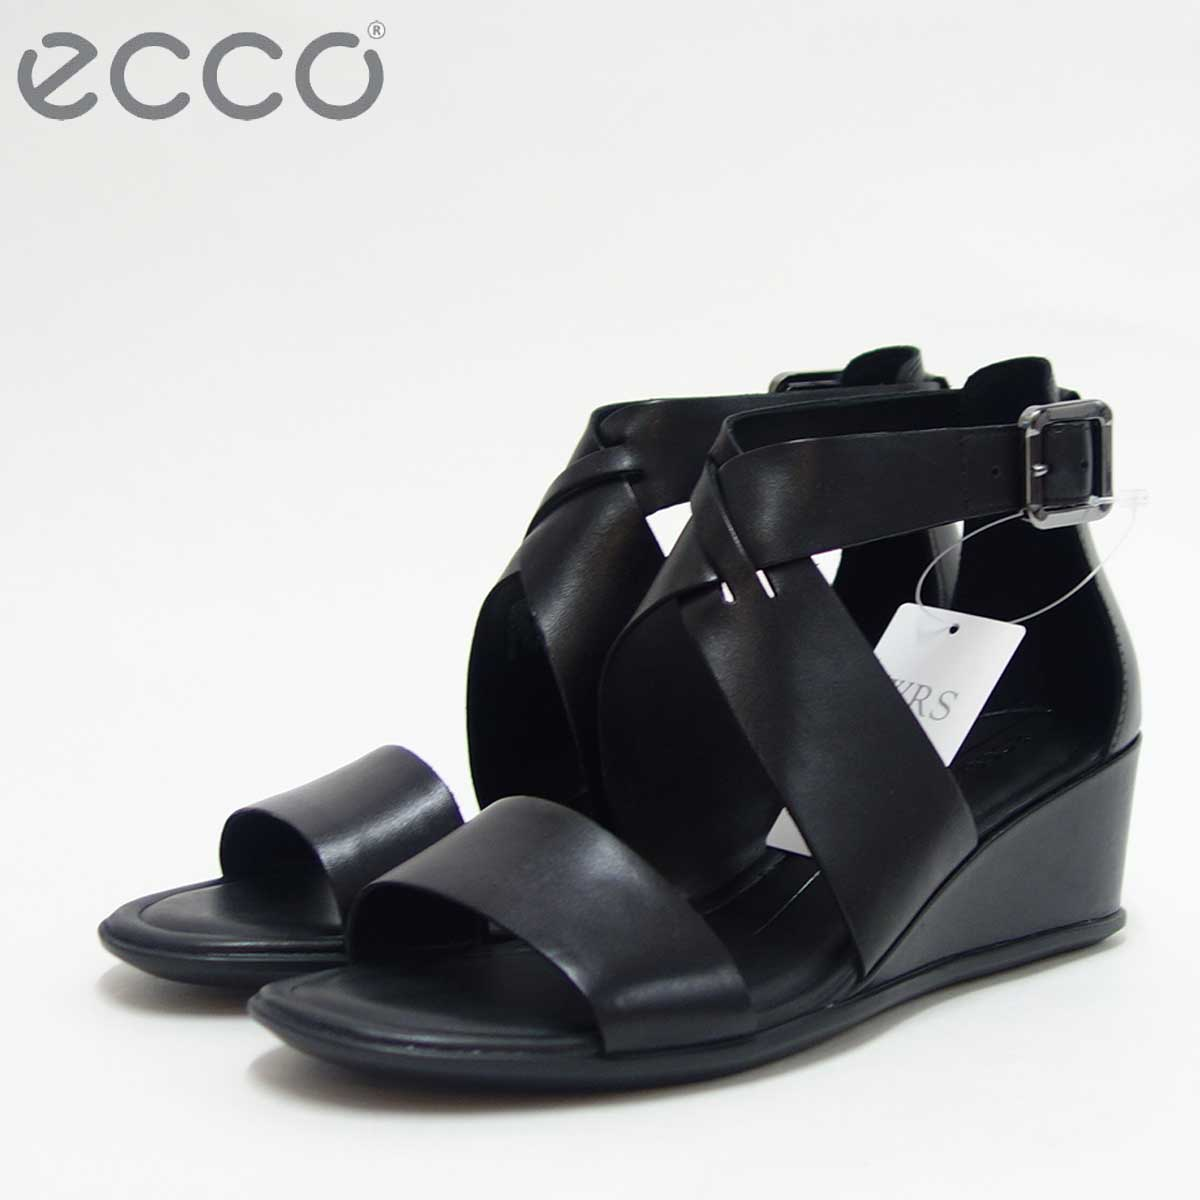 ECCO エコー 250113 ブラックスタイリッシュなウェッジサンダル「靴」